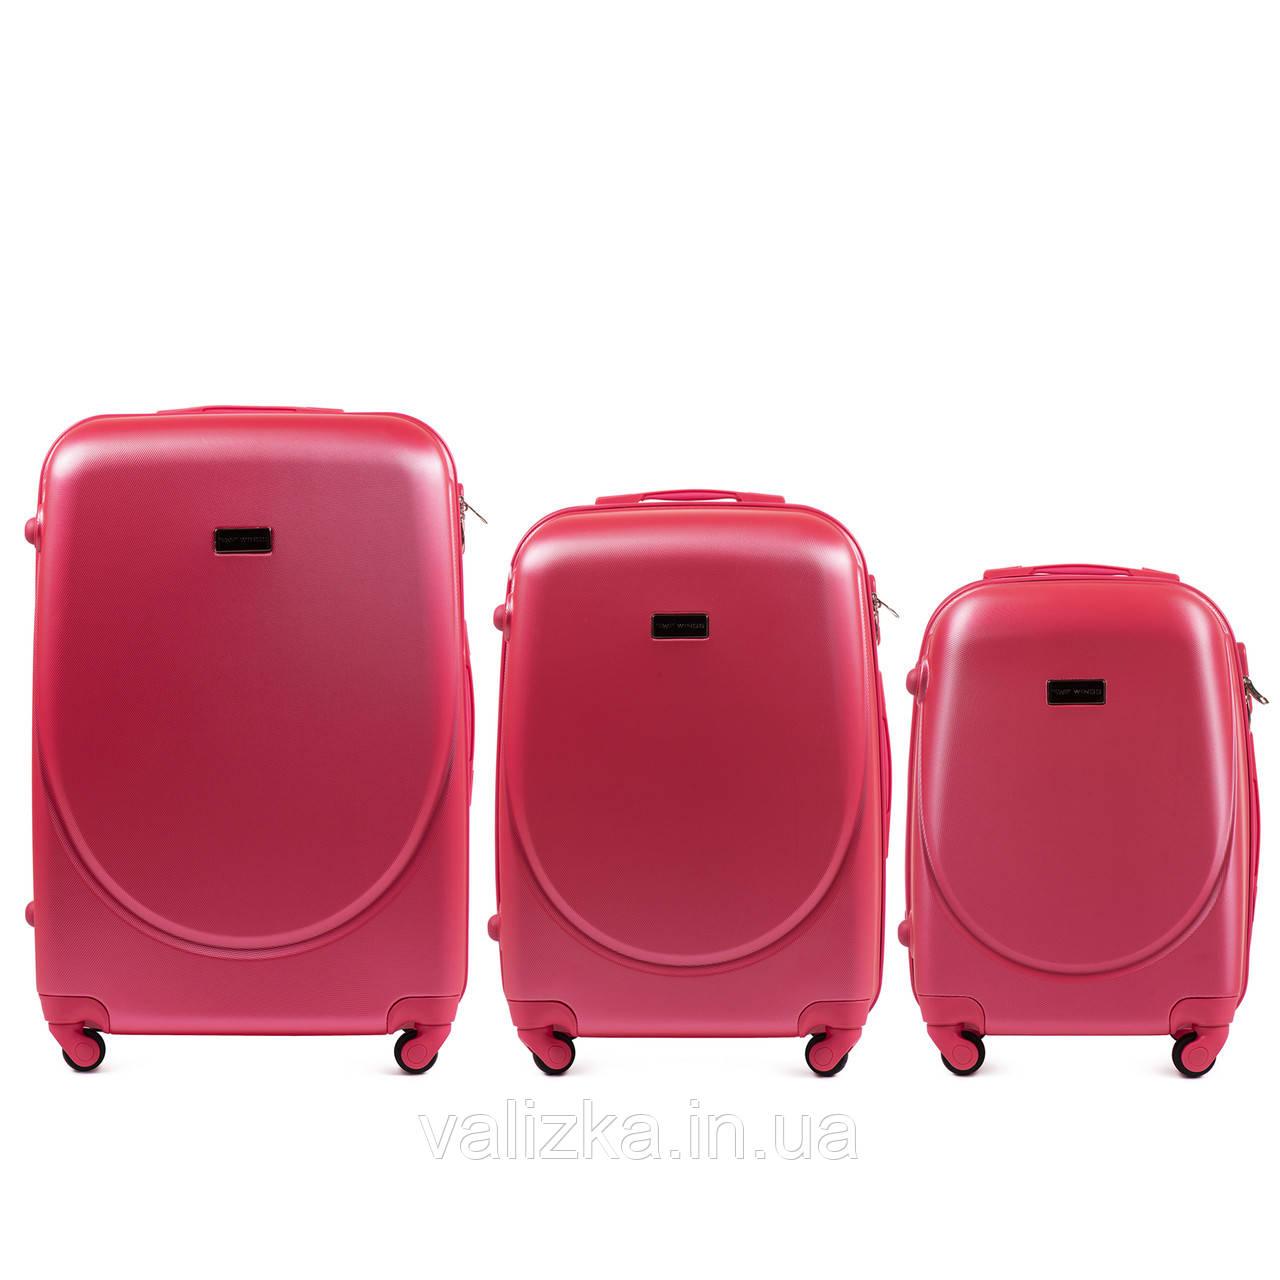 Комплект пластиковых чемоданов 3 шт:  малый, средний, большой с фурнитурой в цвет красные